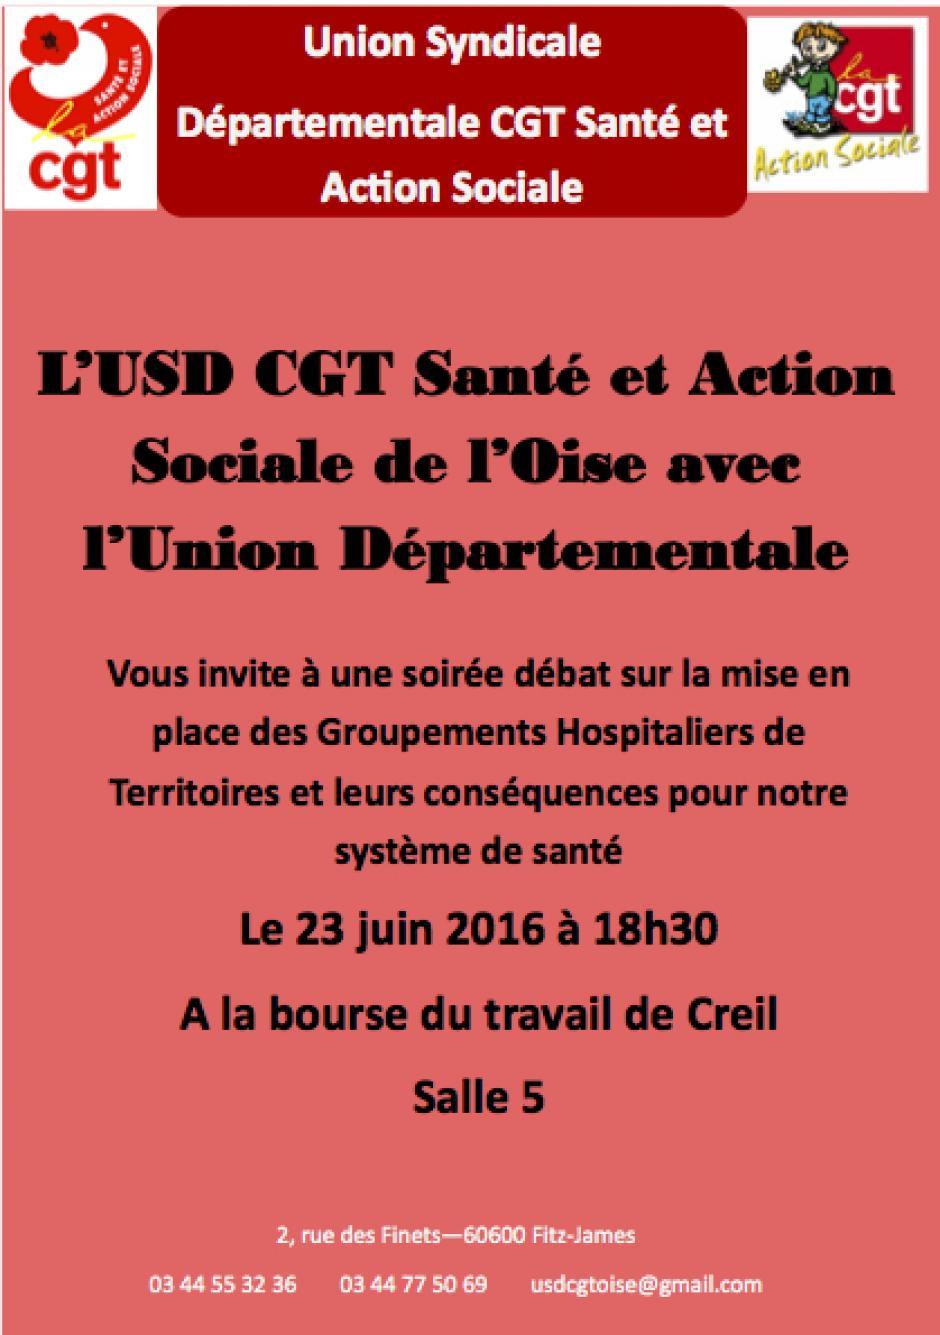 23 juin, Creil - USD CGT Santé et Action sociale-Réunion d'information sur les Groupements hospitaliers de territoire (GHT)